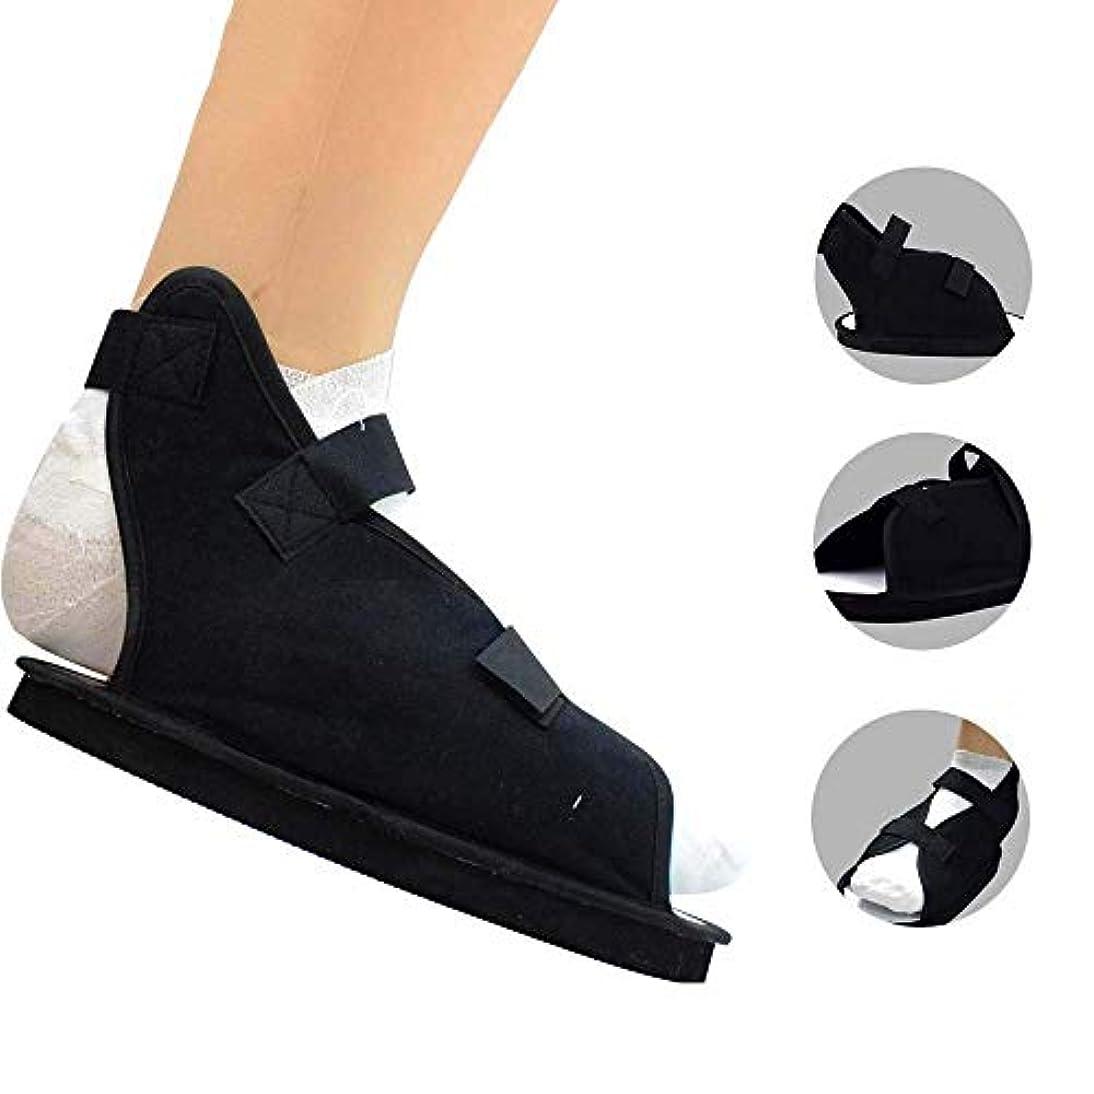 土地ピークリーン術後靴、傷害後の外科用フットキャスト医療用ウォーキングブーツ (Size : S)